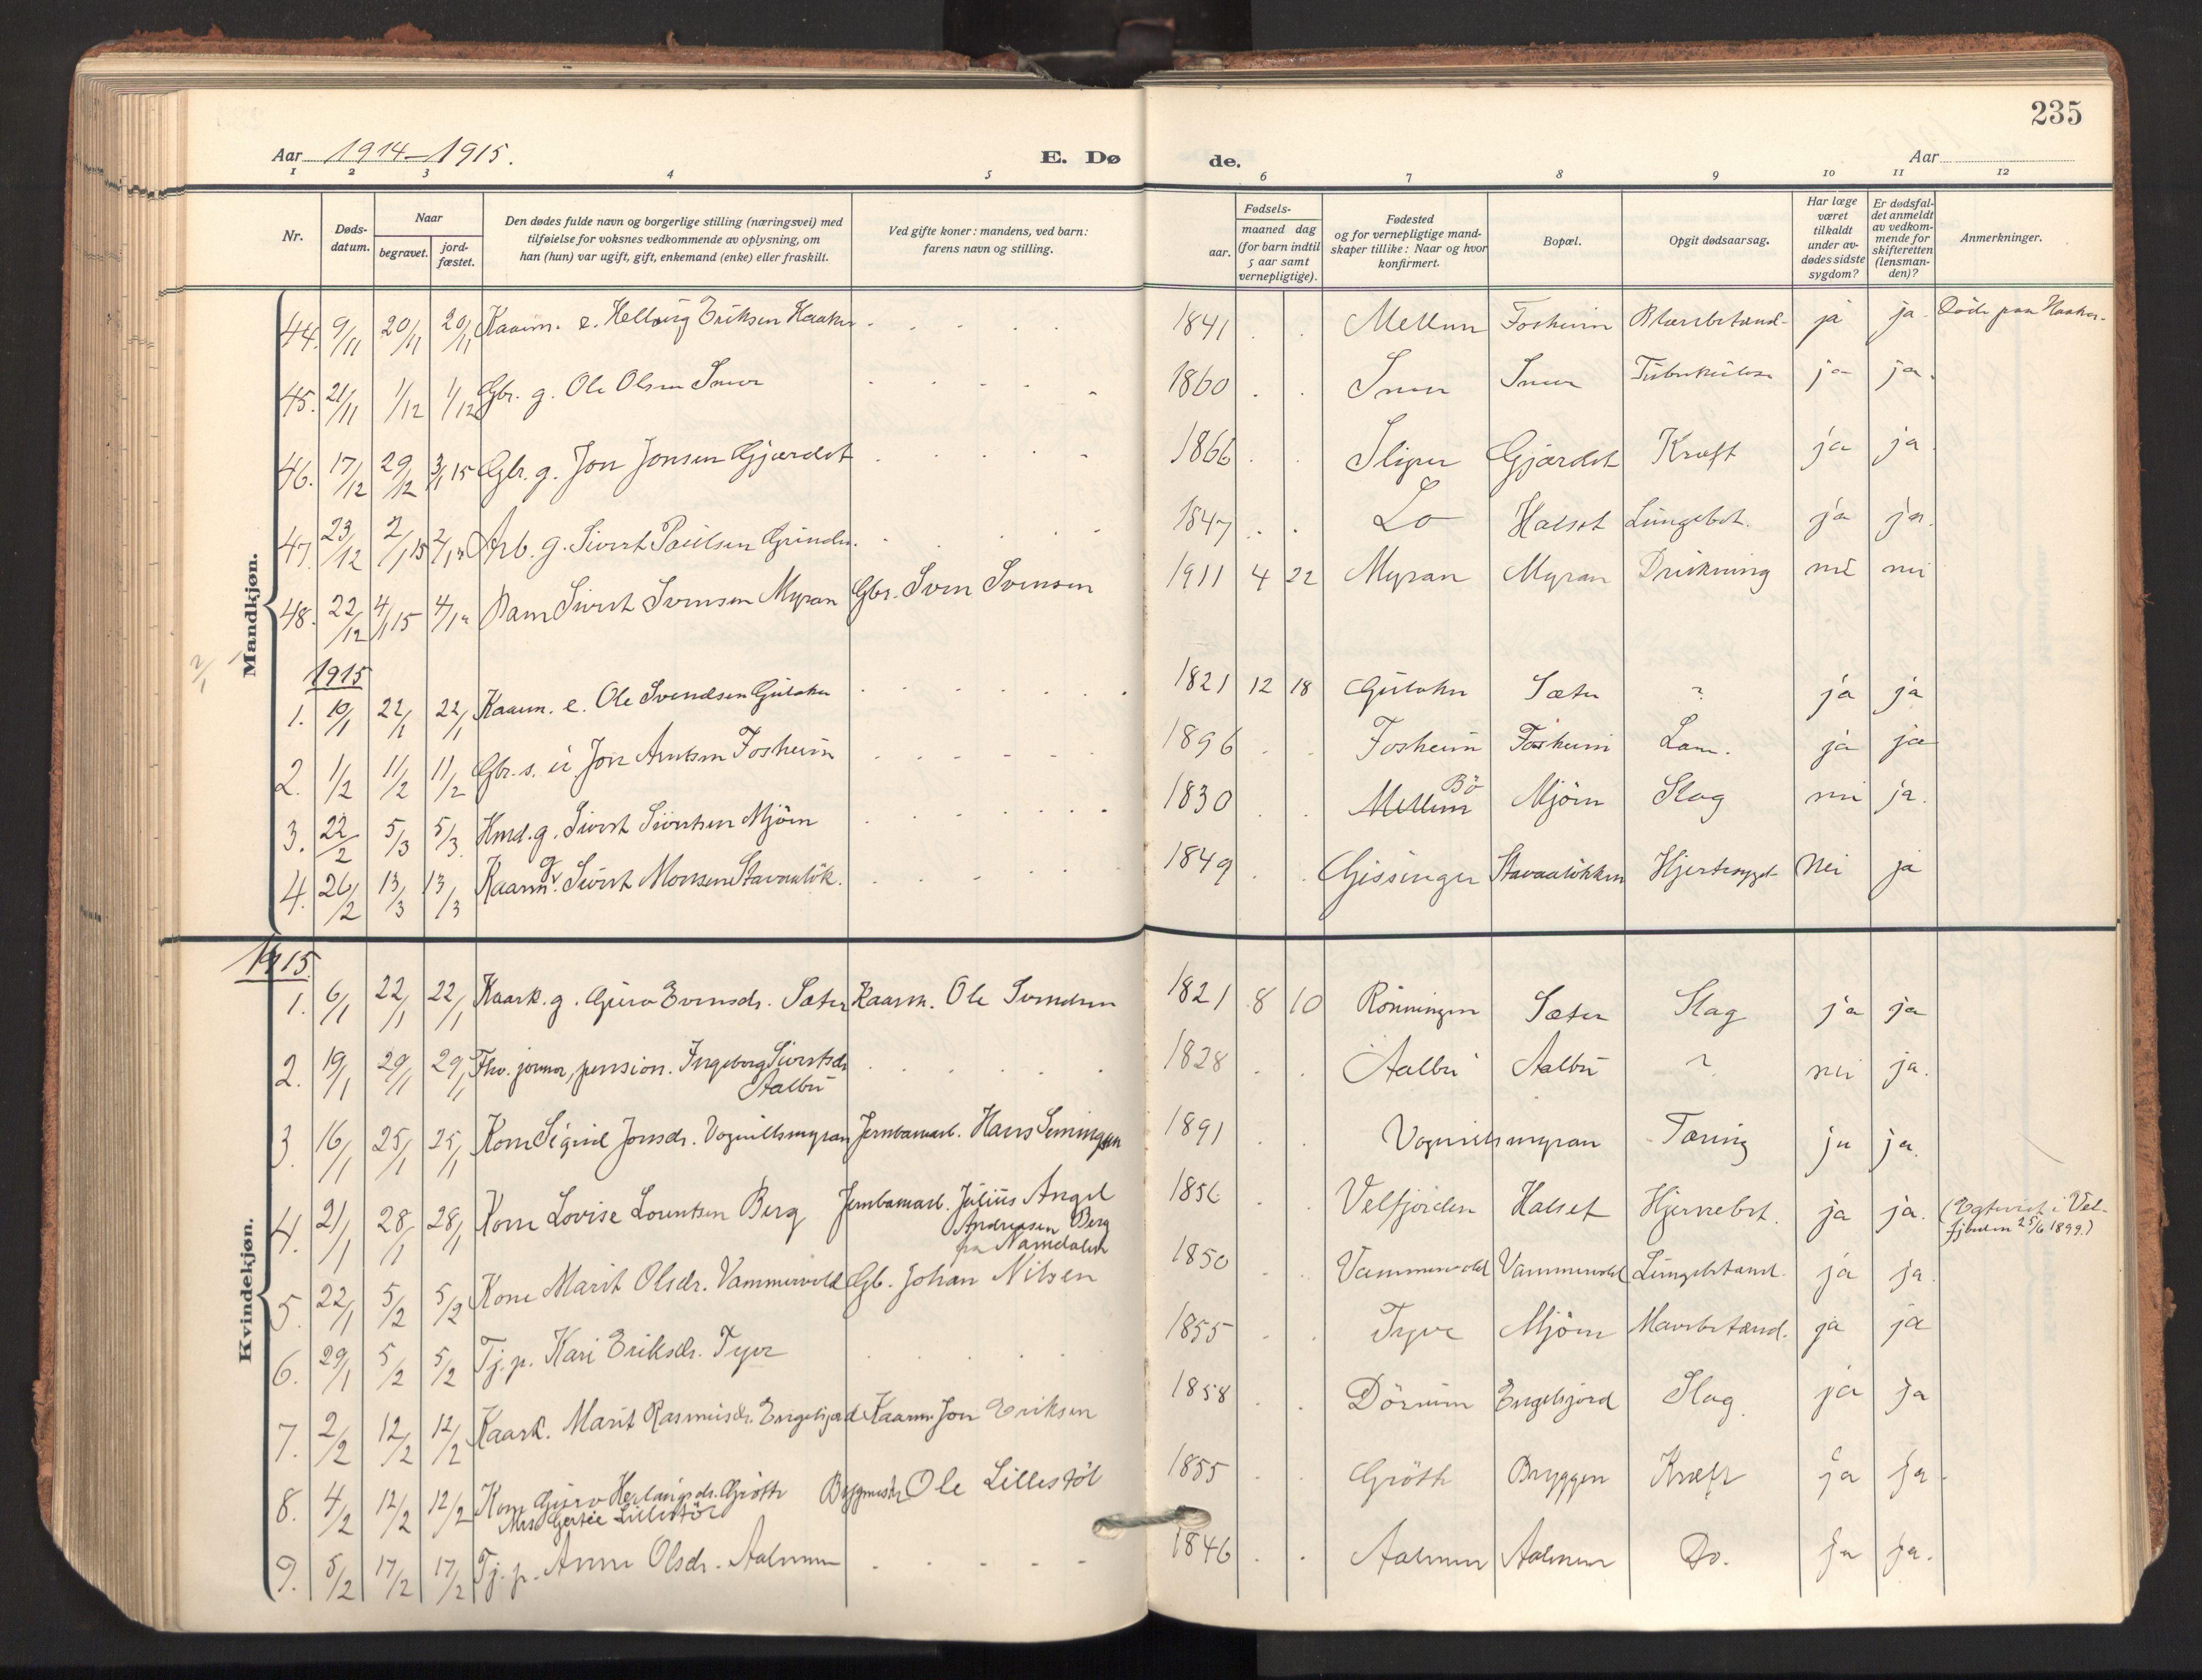 SAT, Ministerialprotokoller, klokkerbøker og fødselsregistre - Sør-Trøndelag, 678/L0909: Ministerialbok nr. 678A17, 1912-1930, s. 235